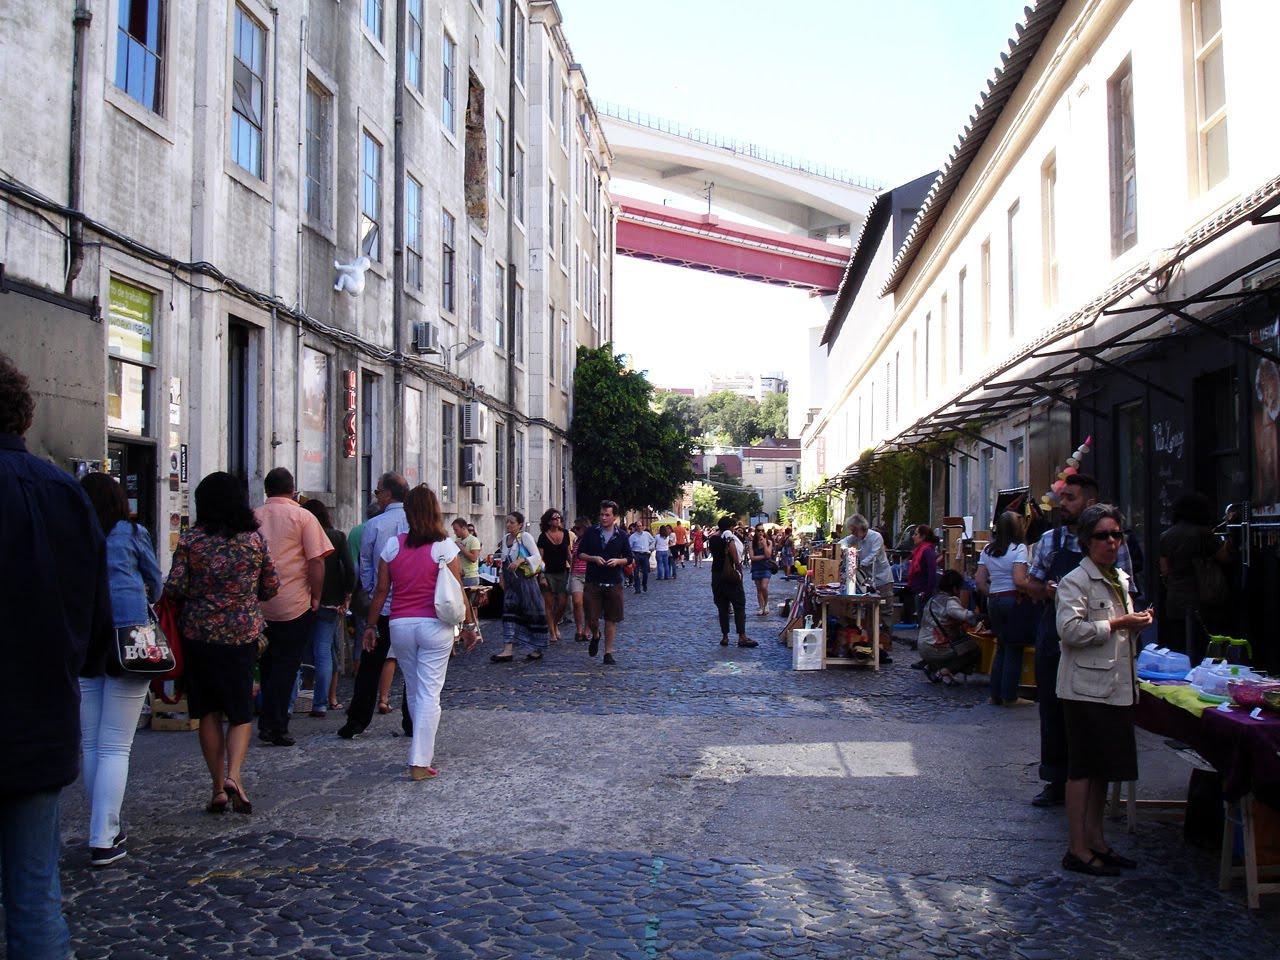 Társkereső oldal Portugáliában